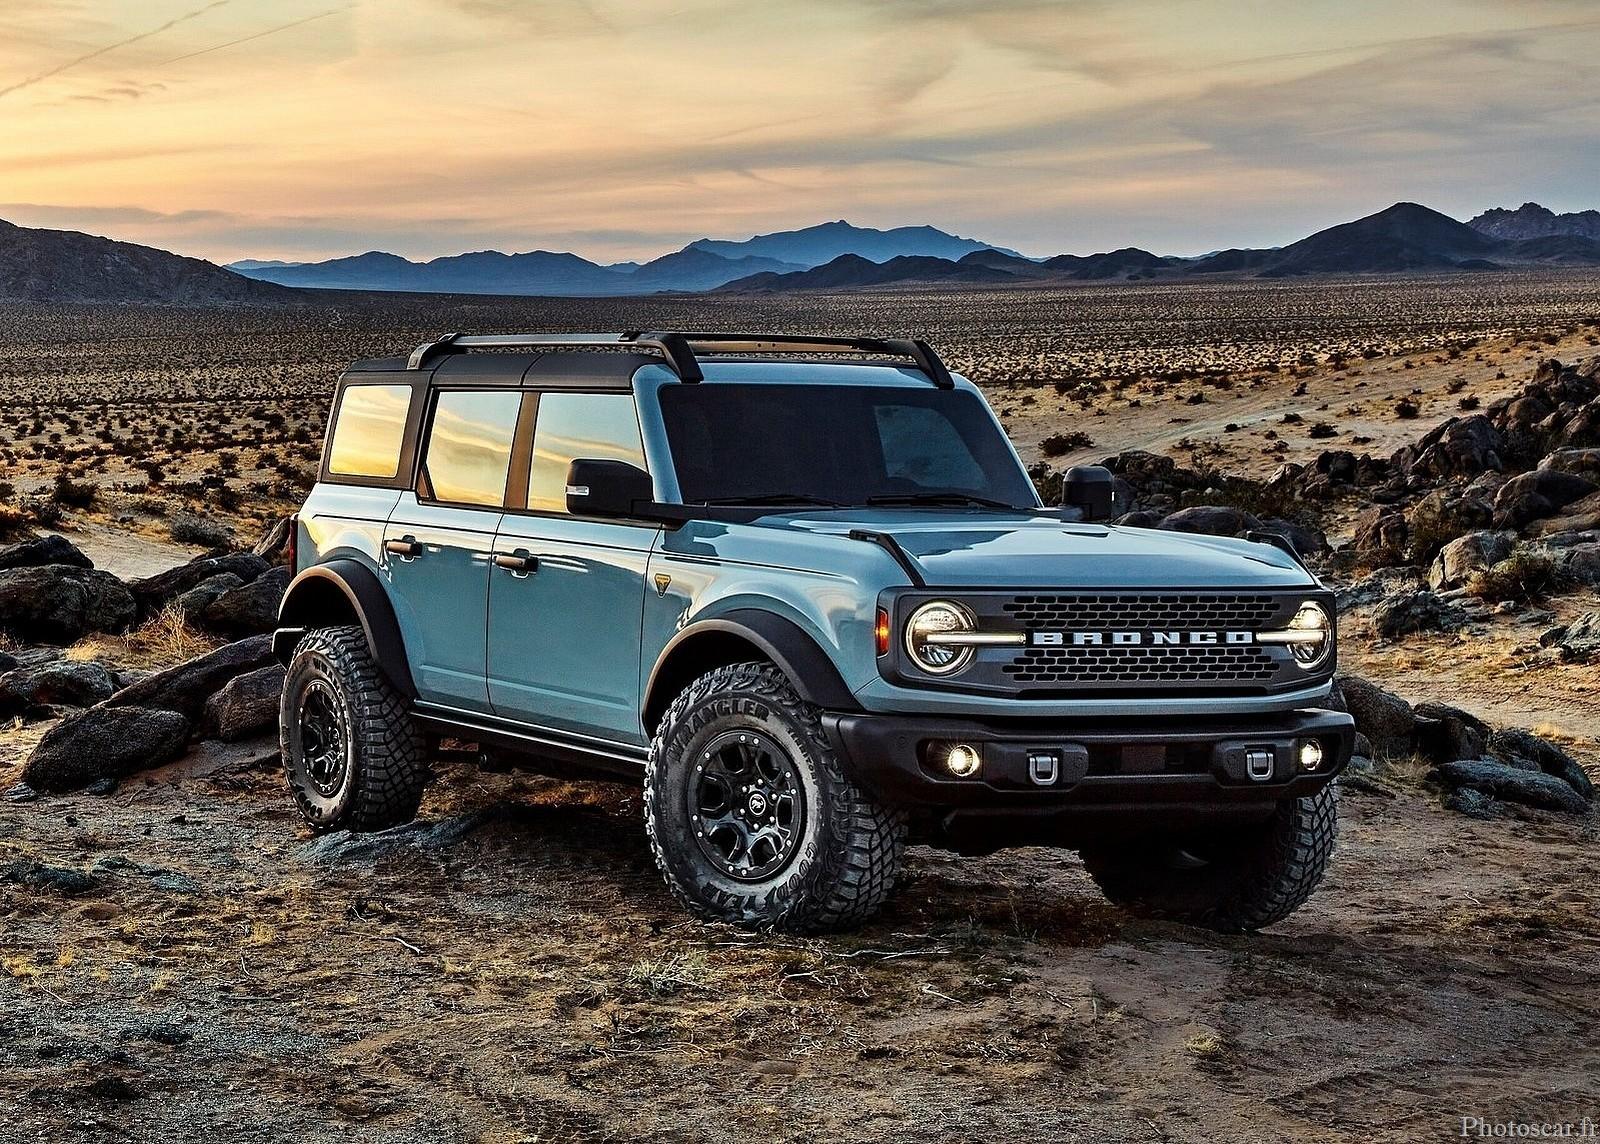 Ford Bronco 4 door 2021